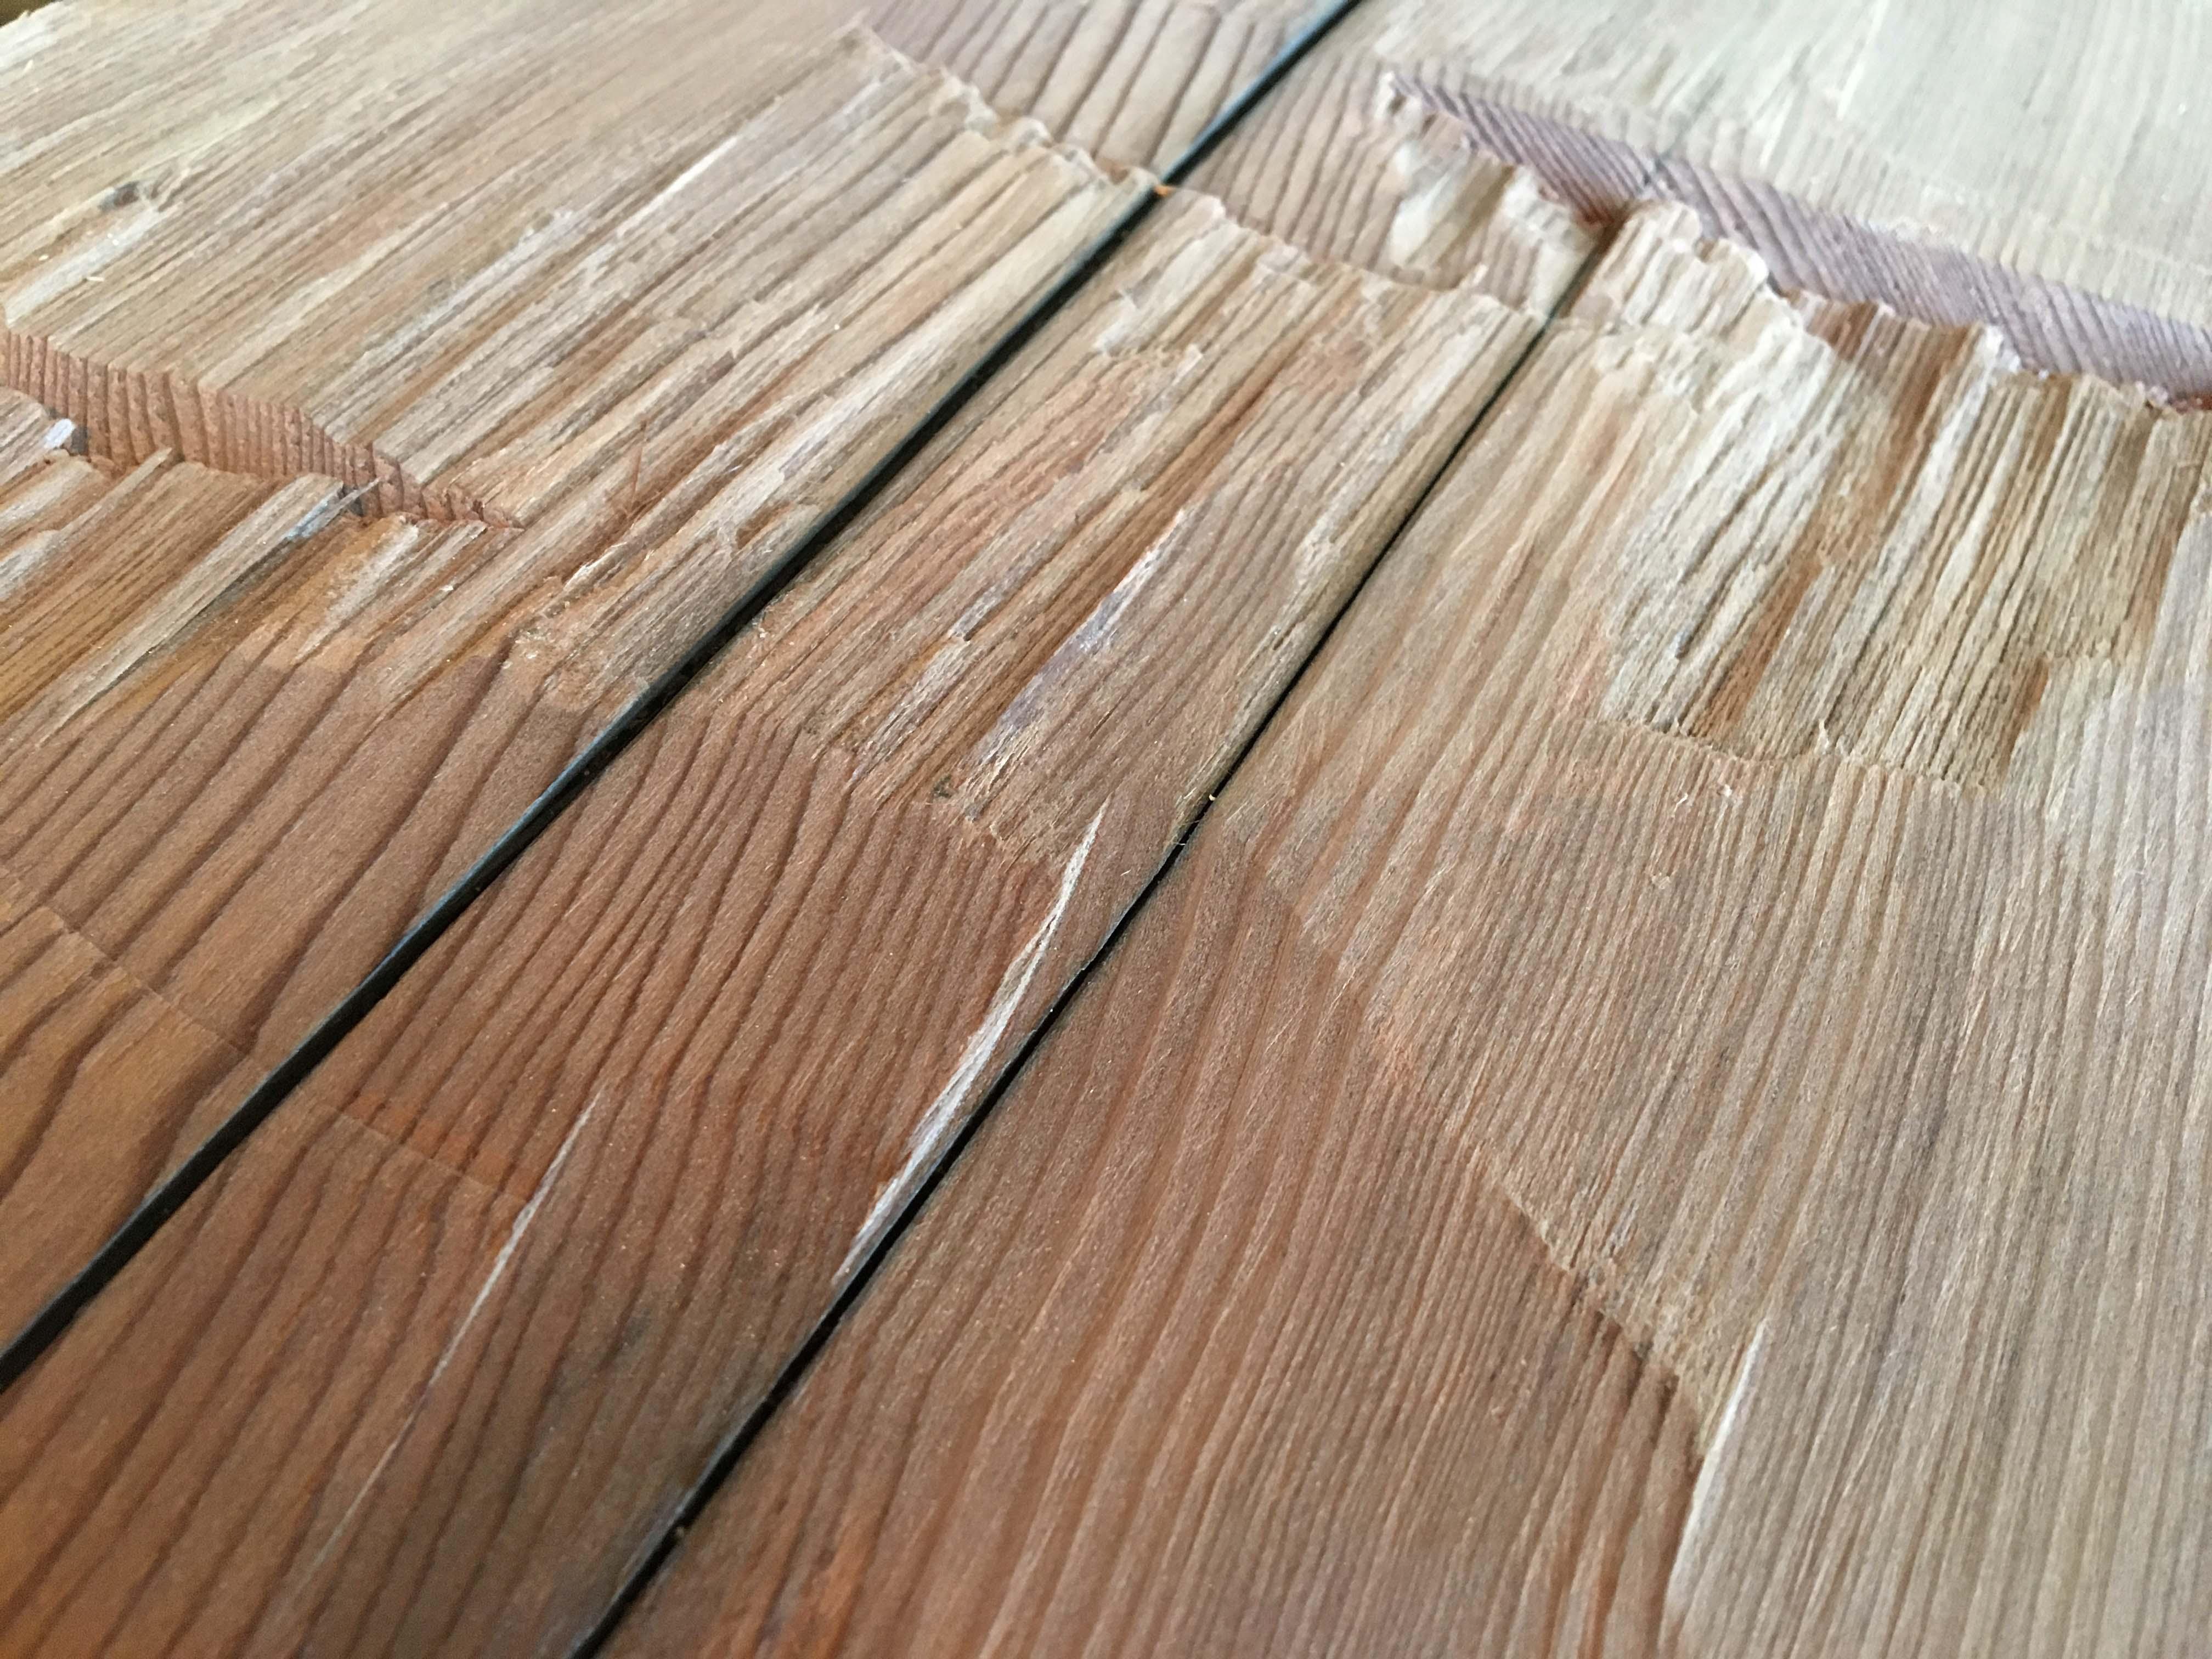 hewn redwood beams - Vintage Reclaimed Redwood